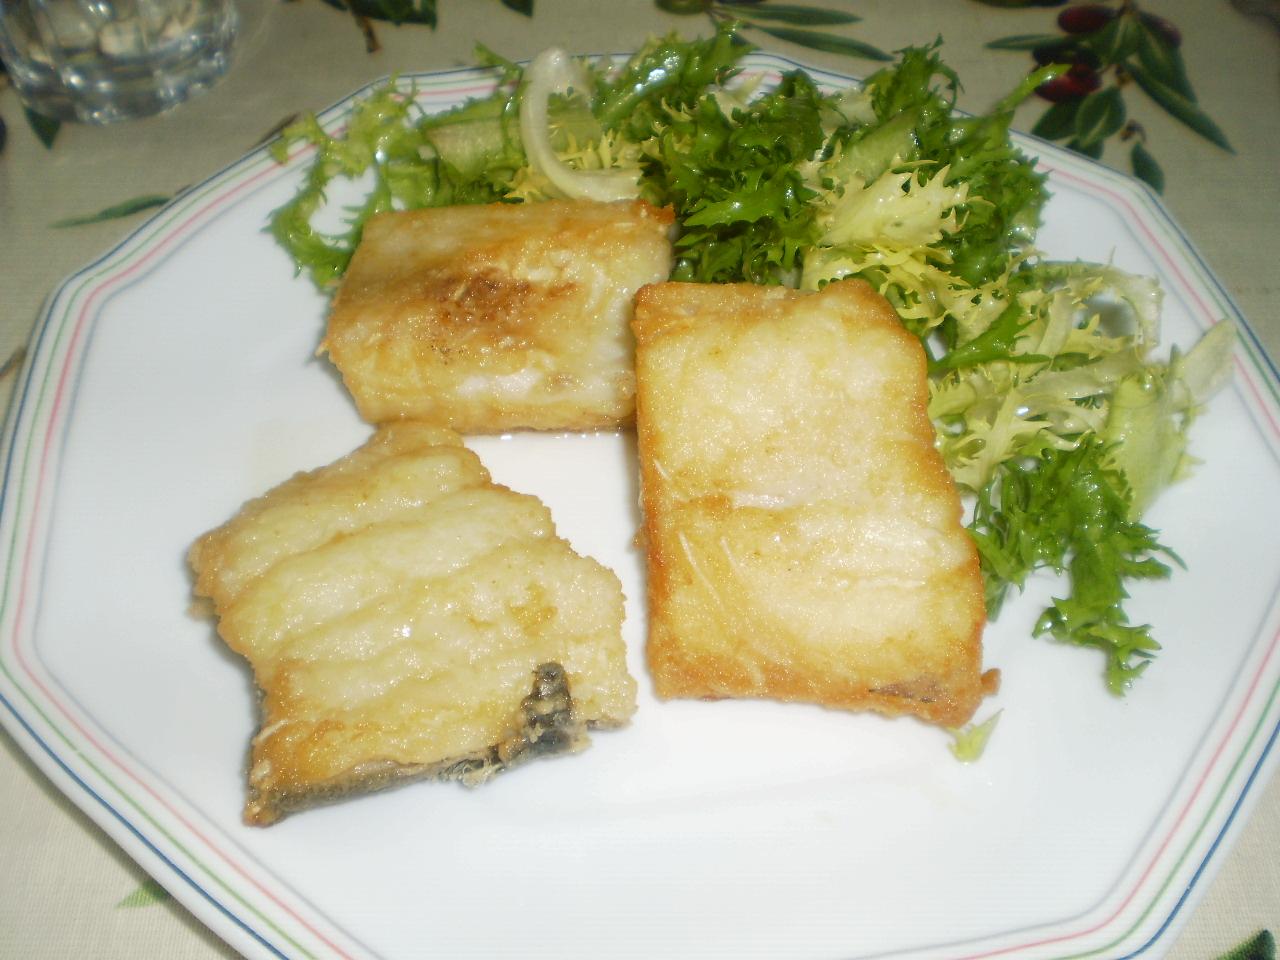 Cocina sin tonterias bacalao frito - Cocinar bacalao desalado ...